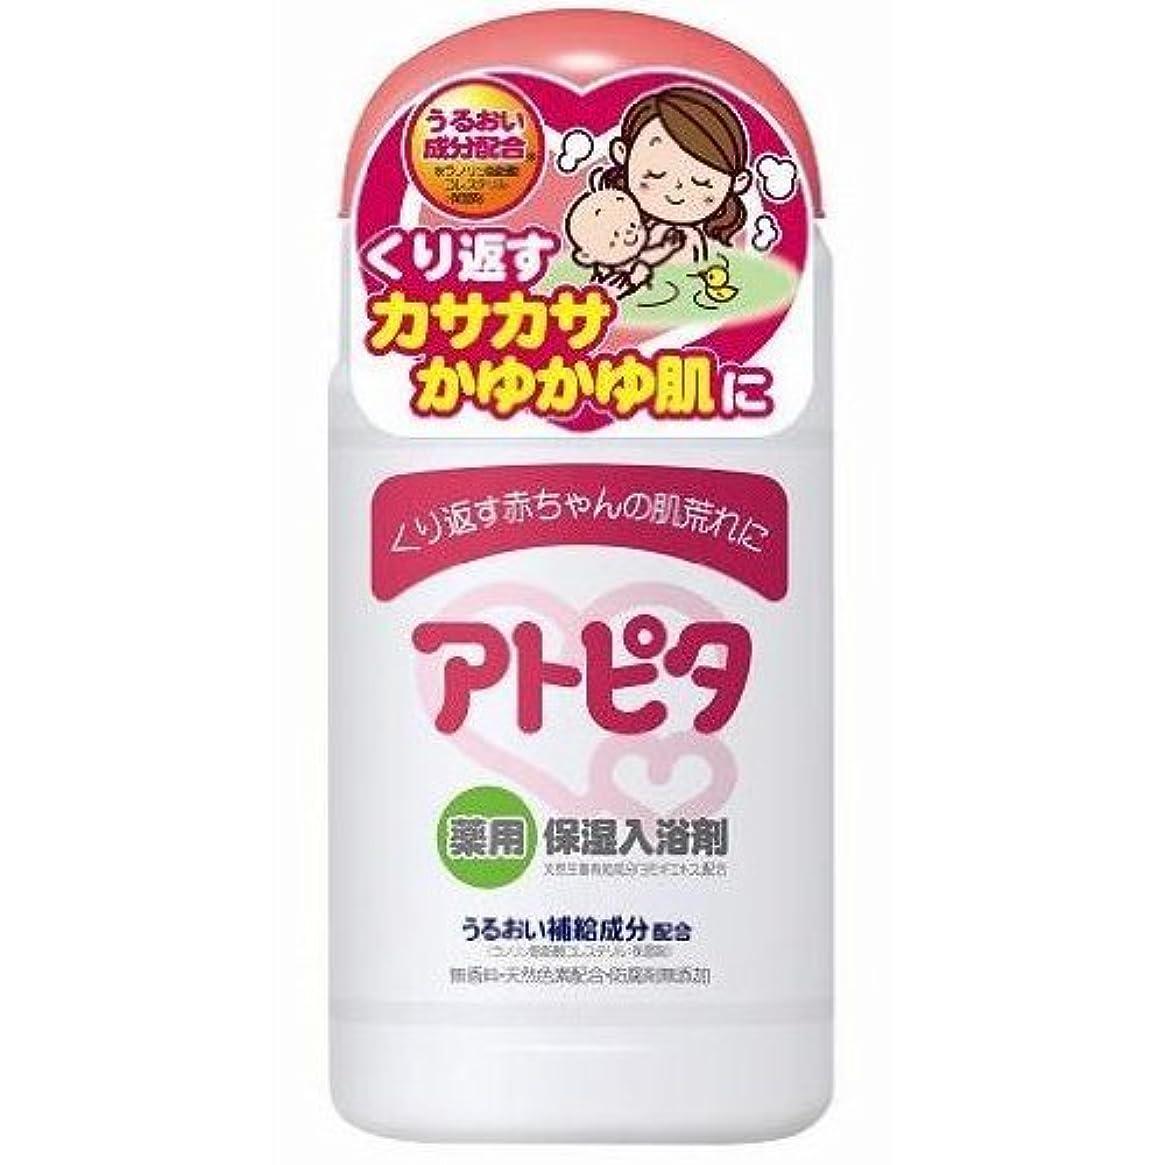 レンジ納屋エンディングアトピタ薬用入浴剤 500g